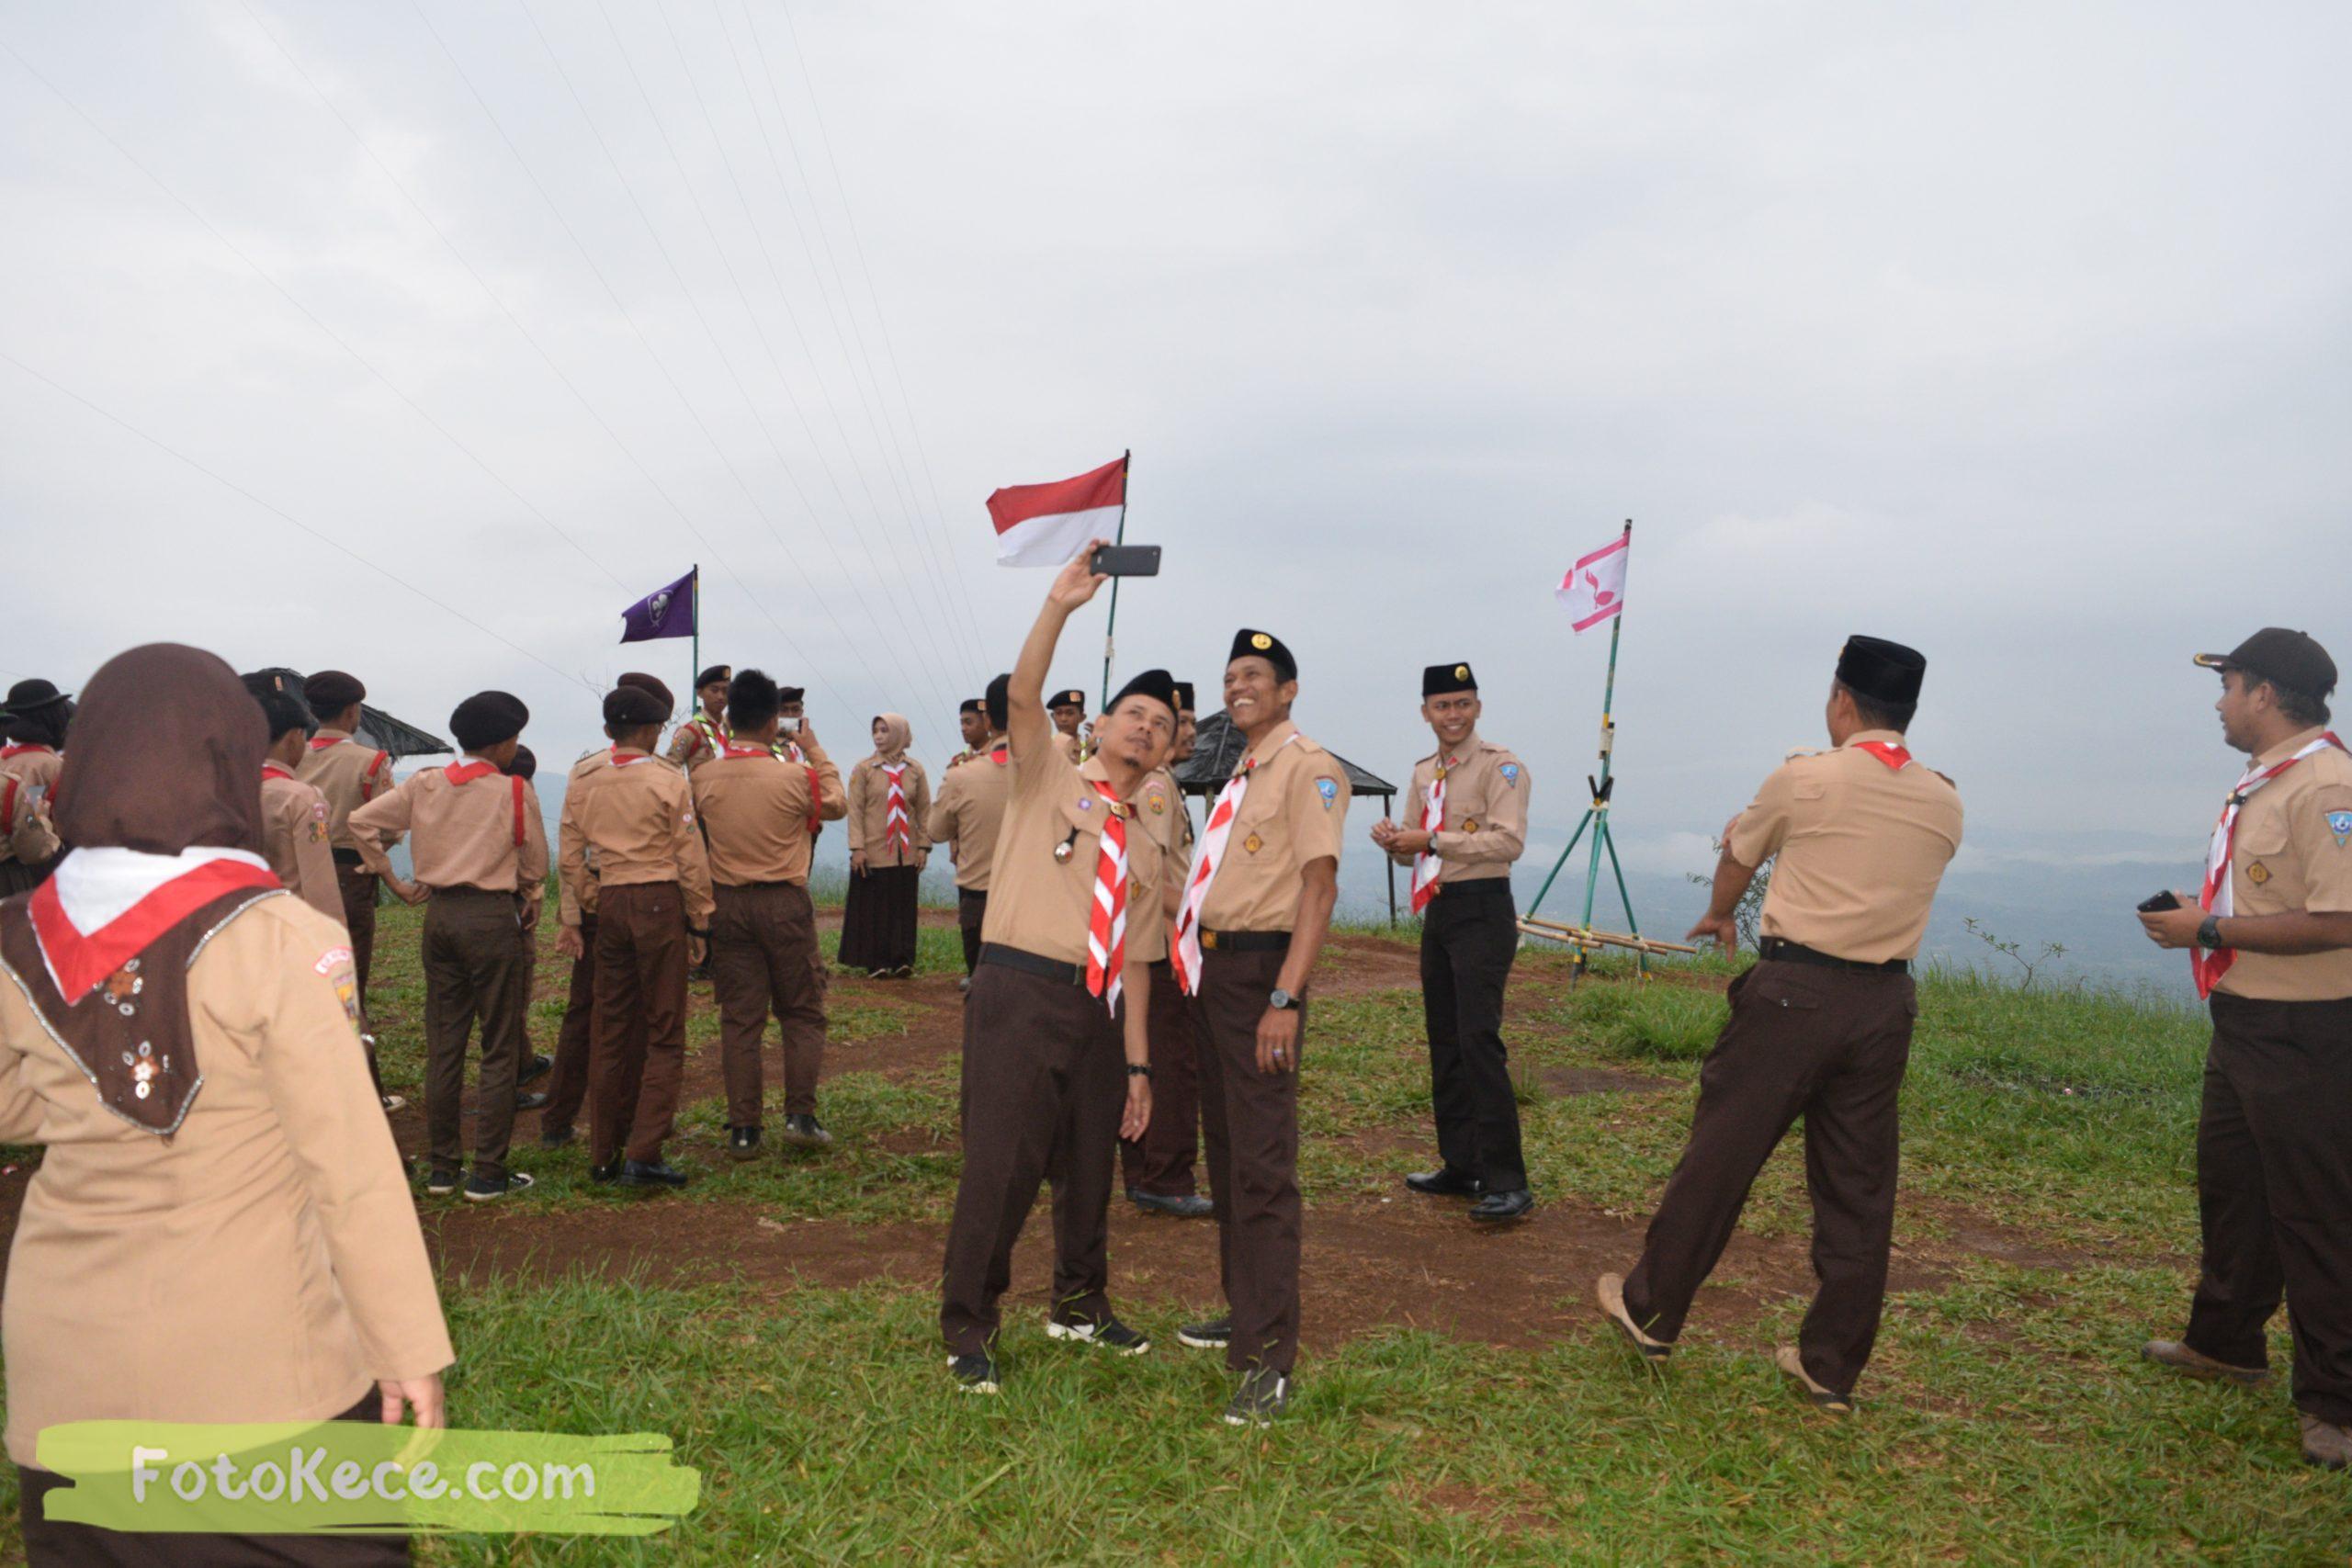 pembukaan perkemahan narakarya 1 mtsn 2 sukabumi 24 25 januari 2020 pramuka hebat wisata alam puncak buluh jampangkulon 70 scaled